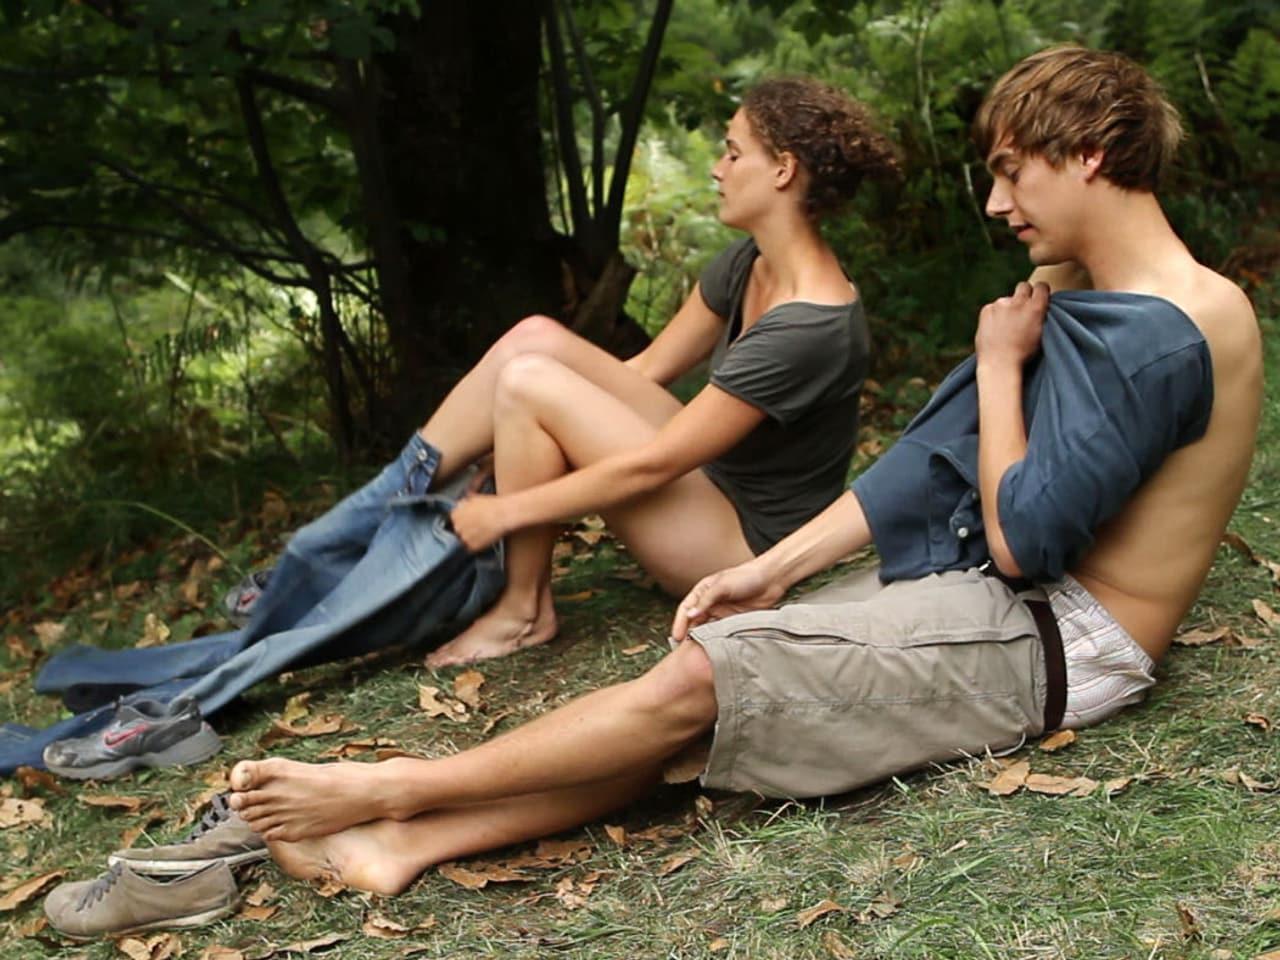 Смотреть онлайн фильм на природе дамы молодые парни